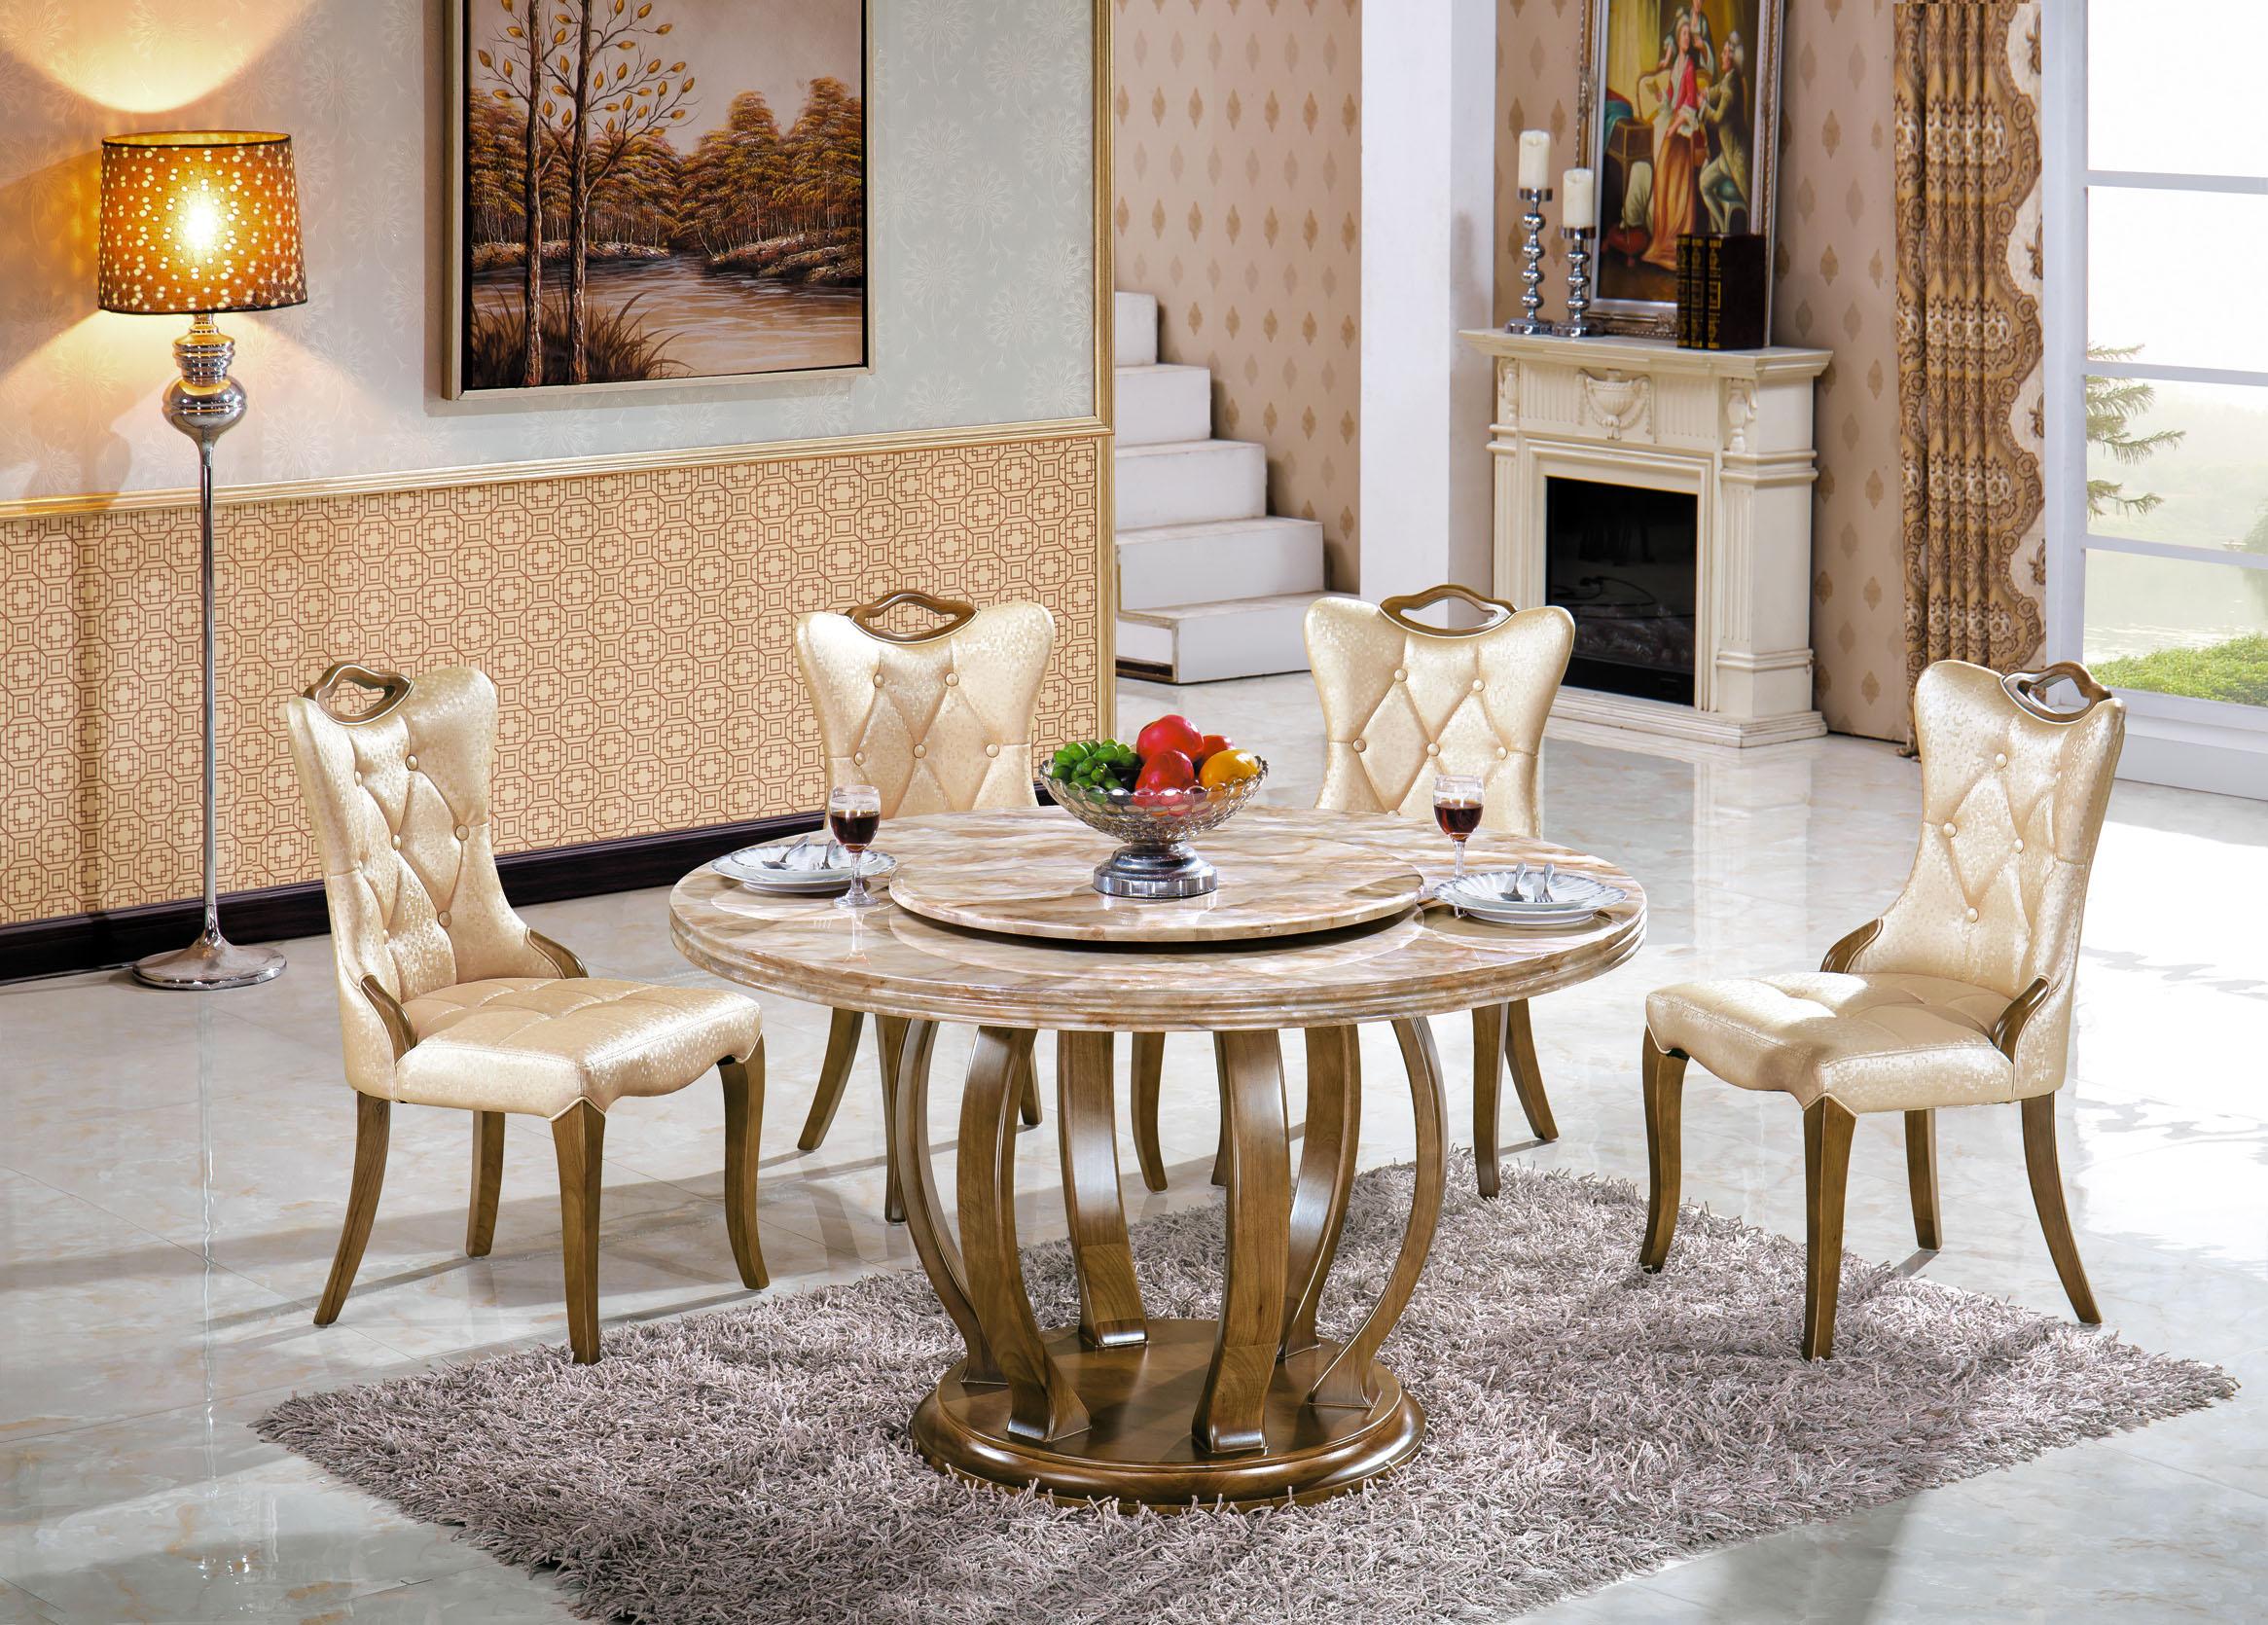 Sử dụng dạng bàn tròn trong thiết kế nhà đẹp giúp tiết kiệm diện tích hơn